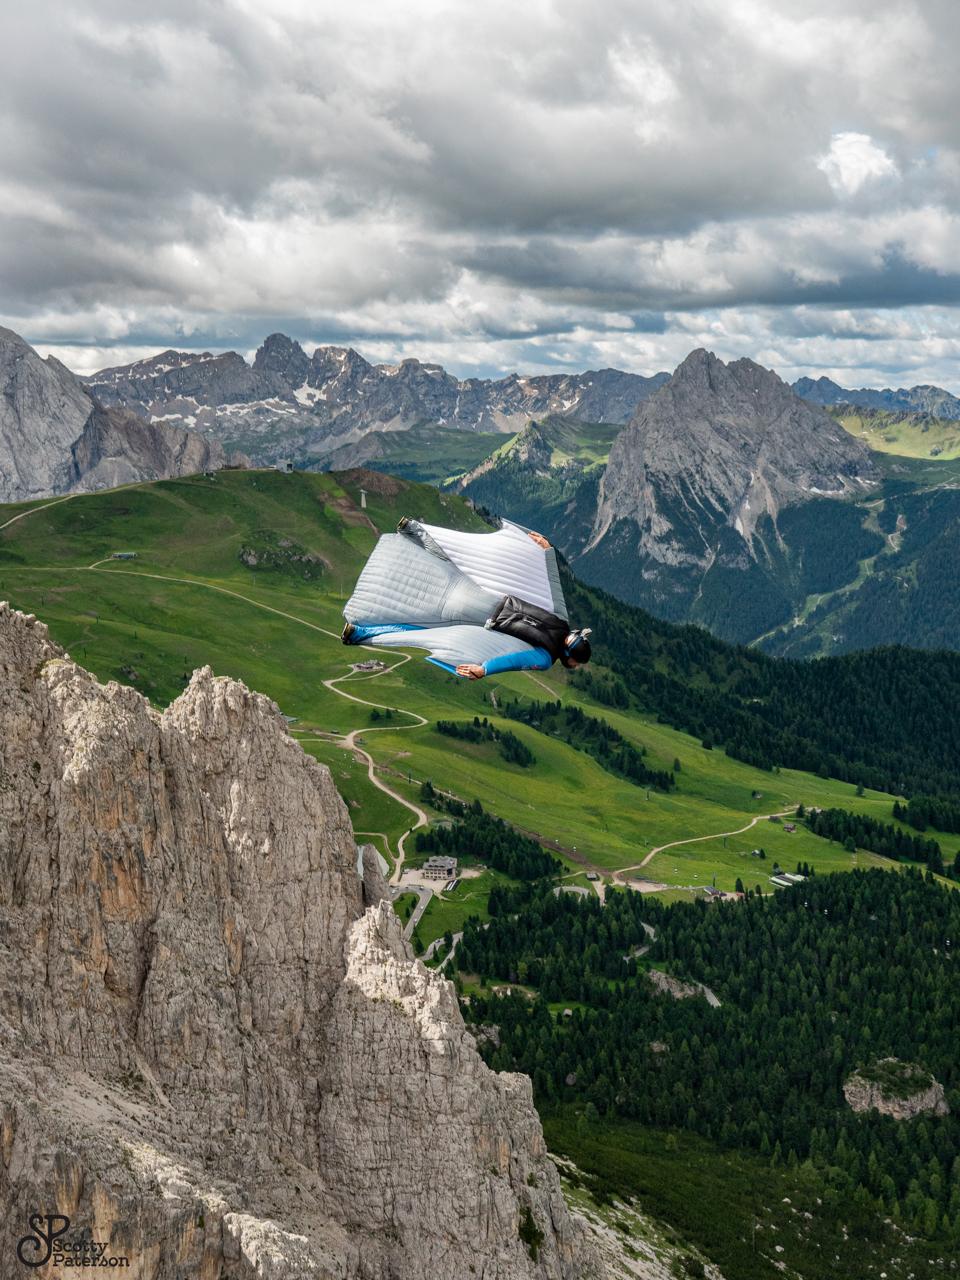 Wingsuitpilot Peter Salzmann, Picture by Scott Paterson